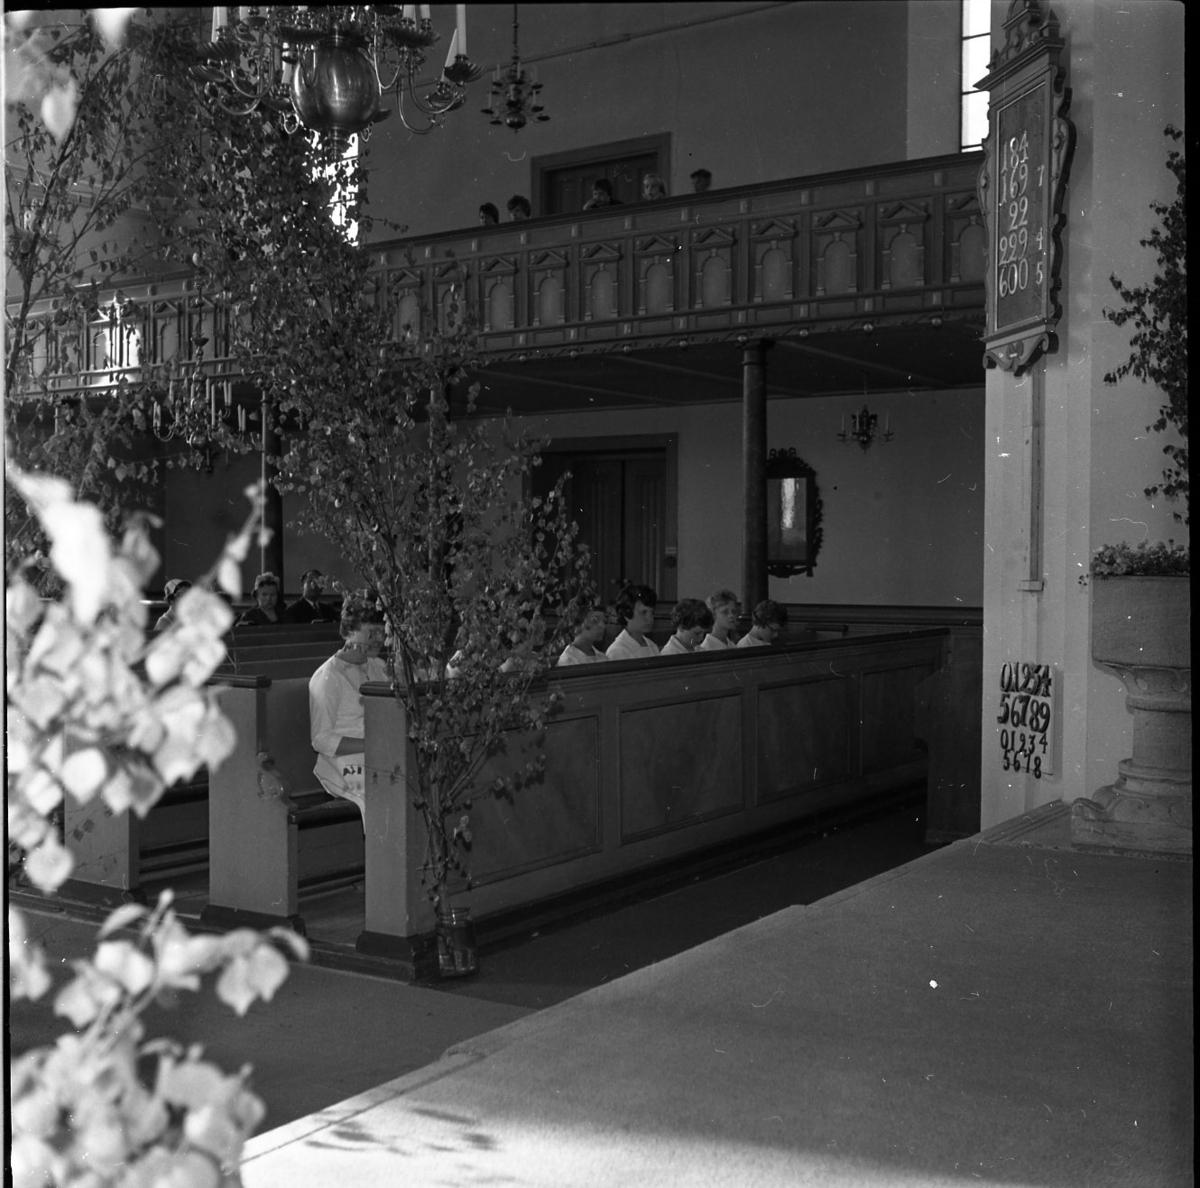 Interiör från Gränna kyrka i samband med konfirmation. Kvinnliga konfirmander sitter i en bänkrad längst fram.